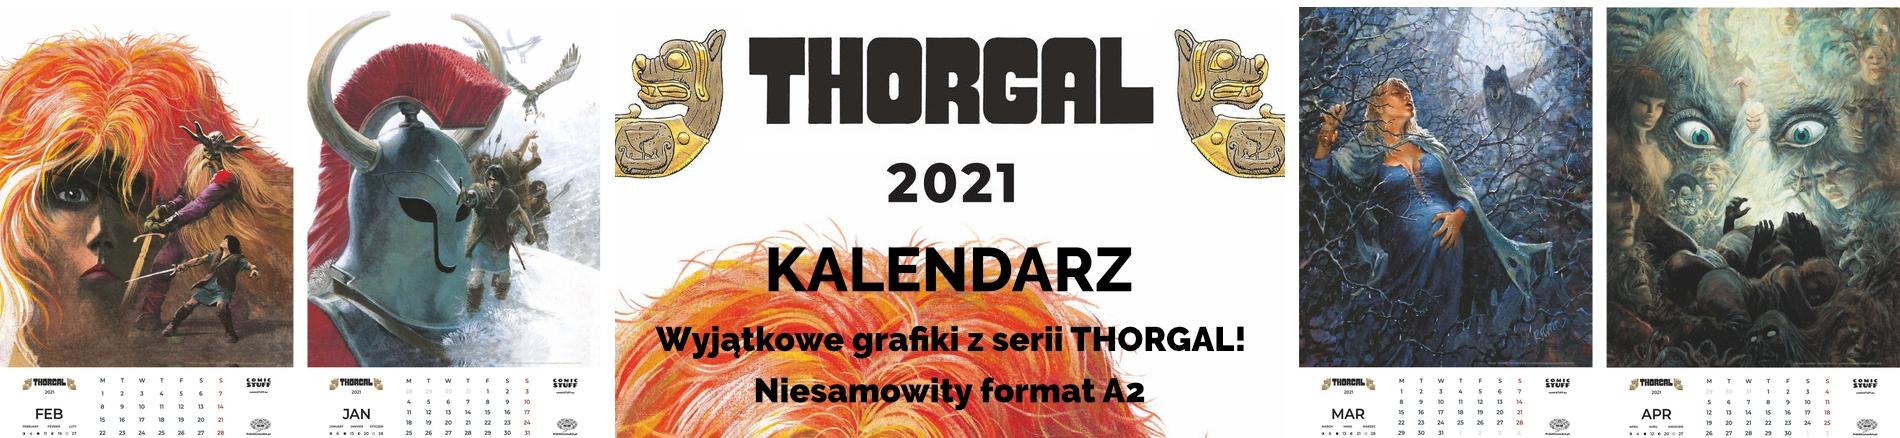 comicSTUFF THORGAL Kalendarz 2021